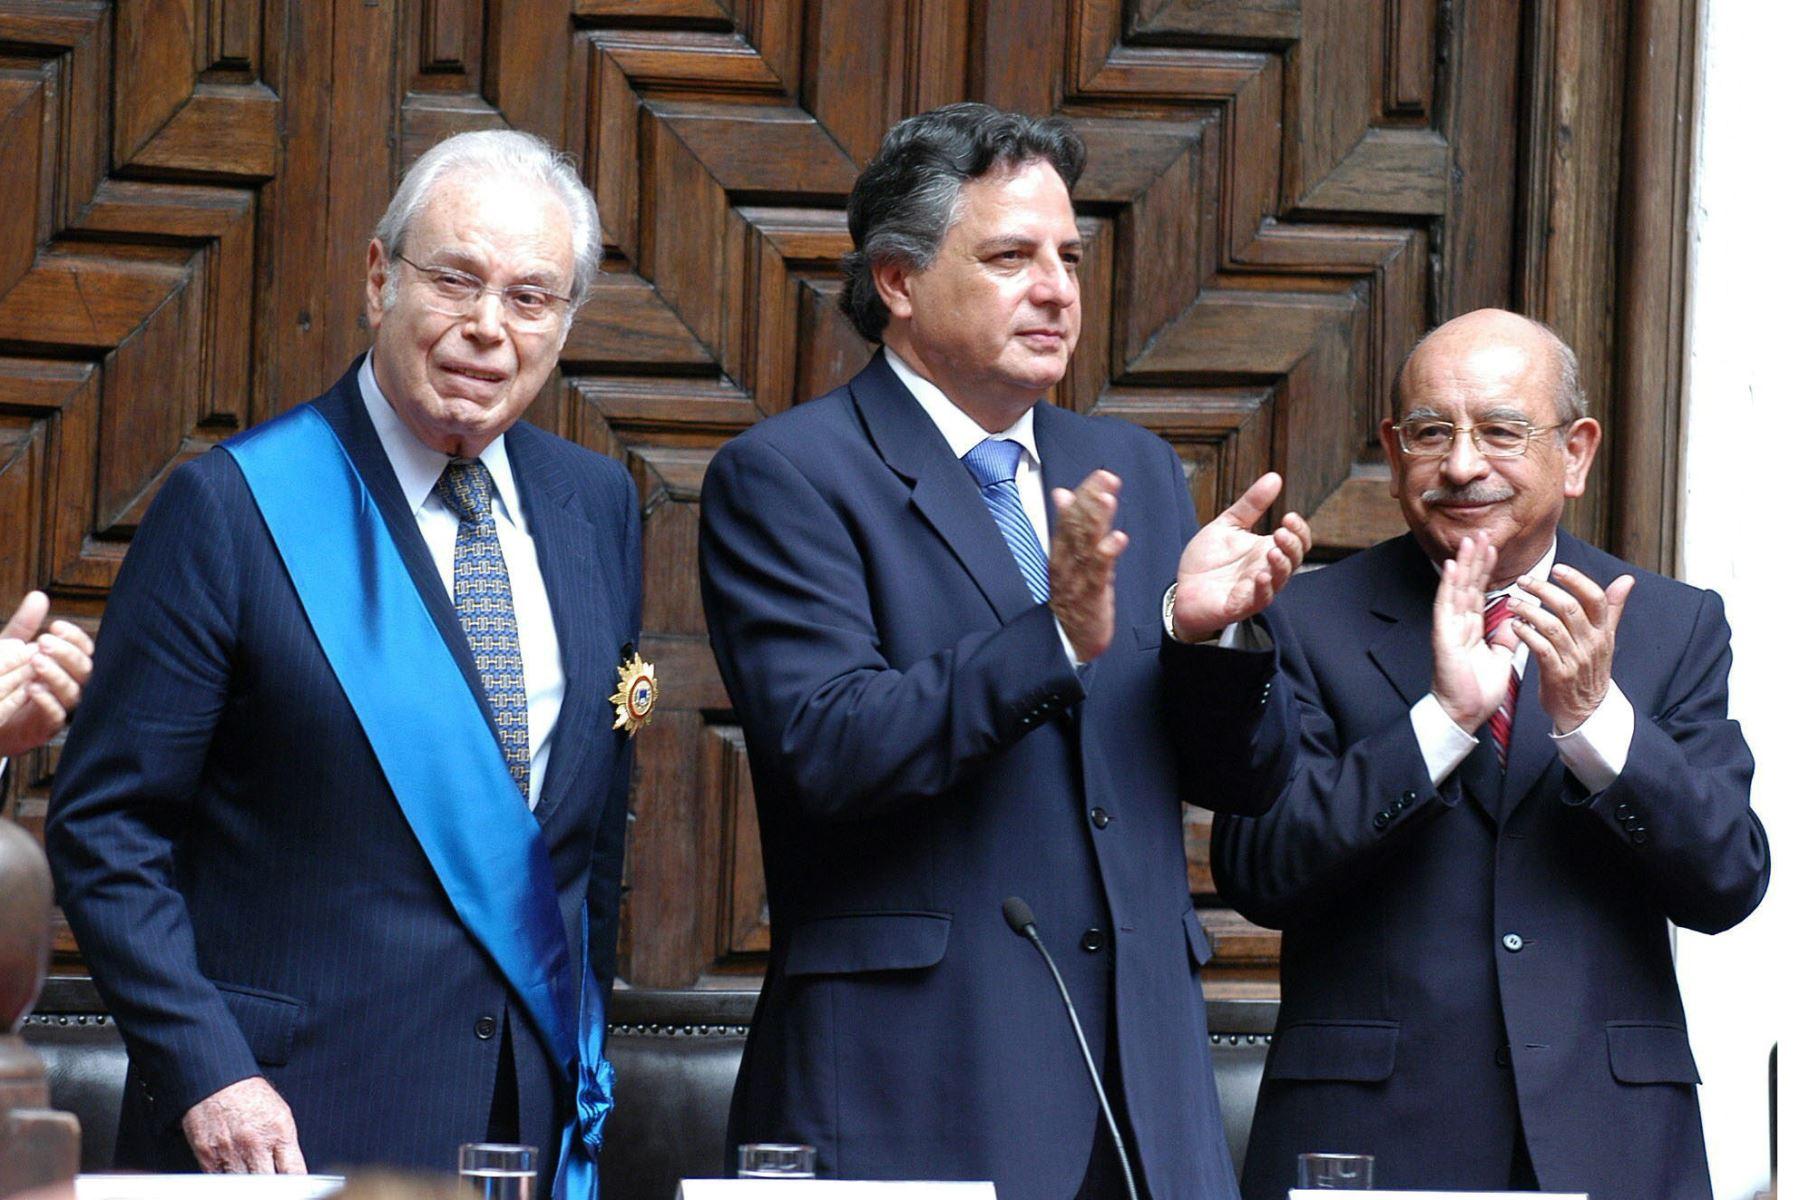 Javier Perez de Cuellar  junto al Canciller Manuel RodrIguez Cuadros y Valentin Paniagua  durante la condecoración que se le hiciera en la Cancillería. FOTO: Archivo El Peruano